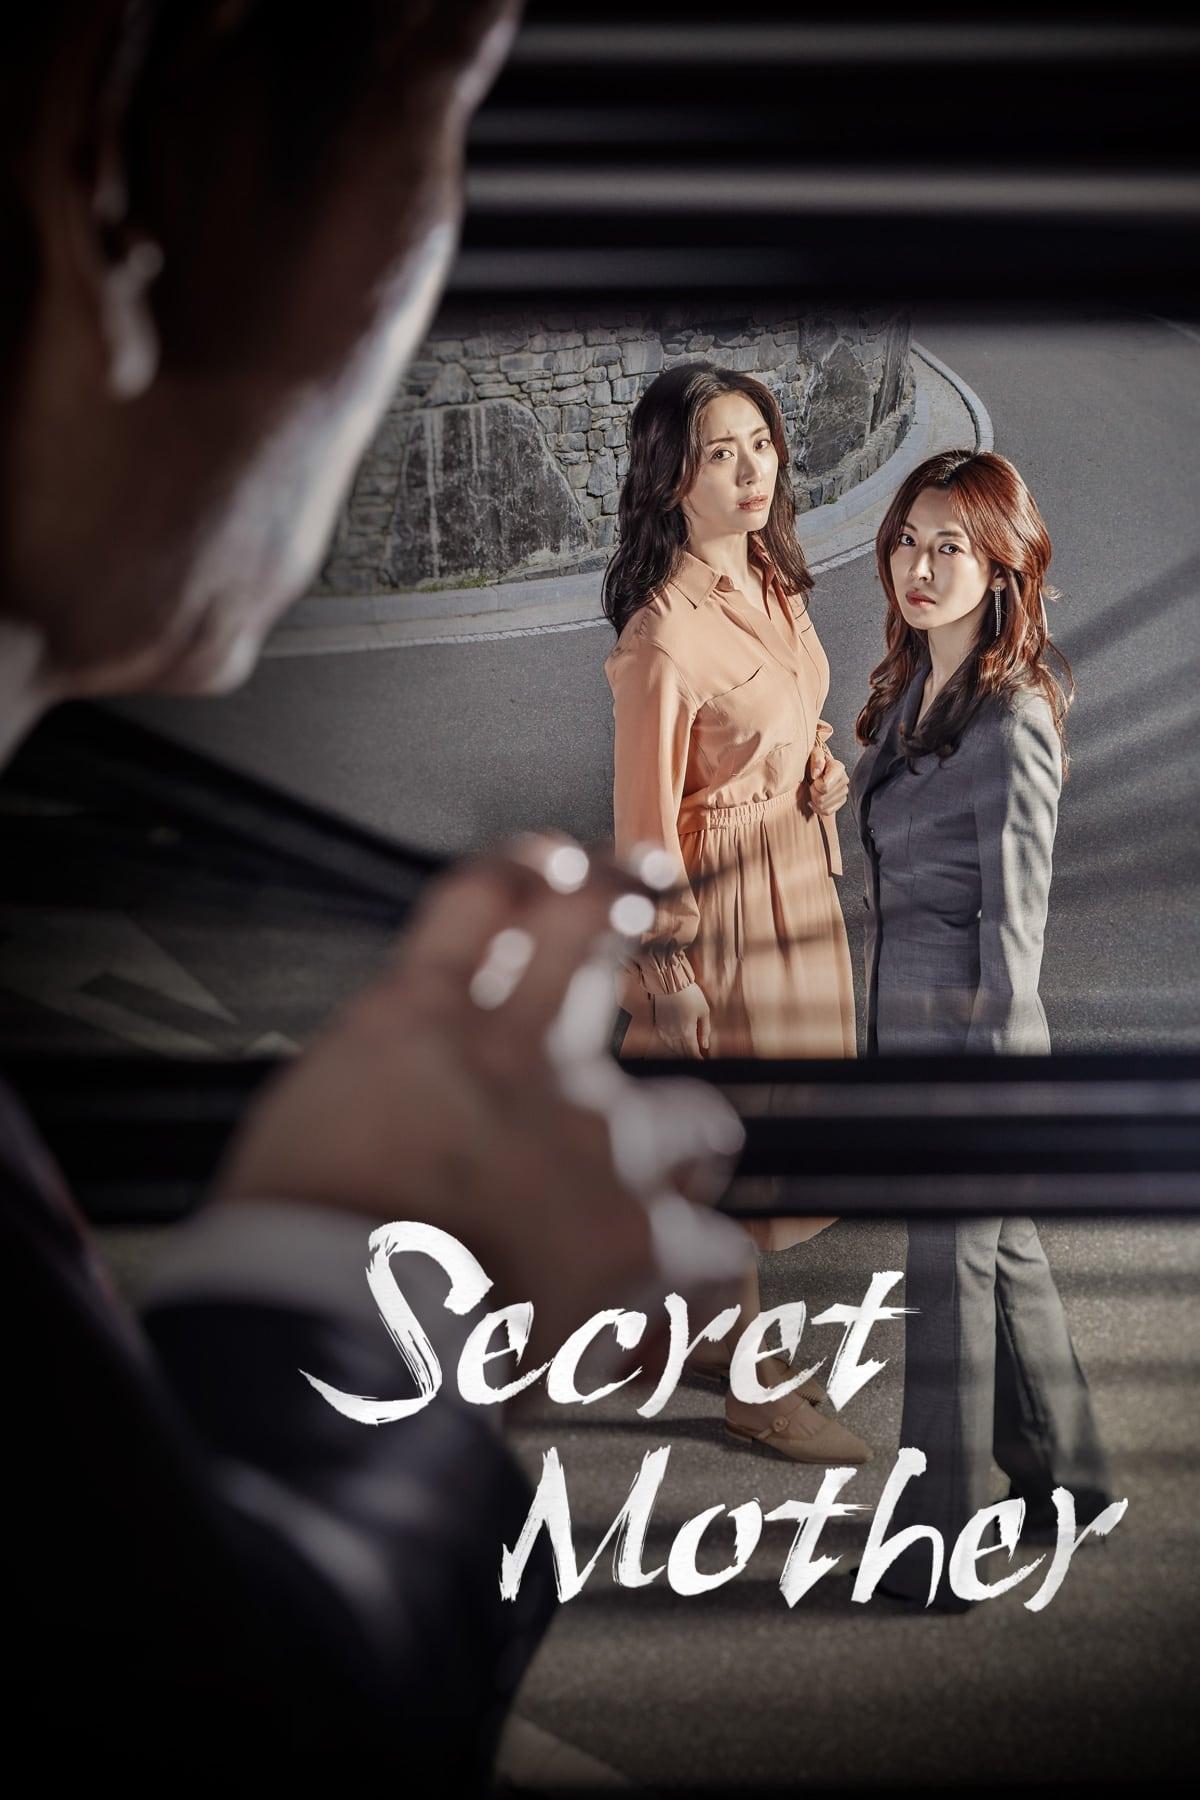 image for Secret Mother